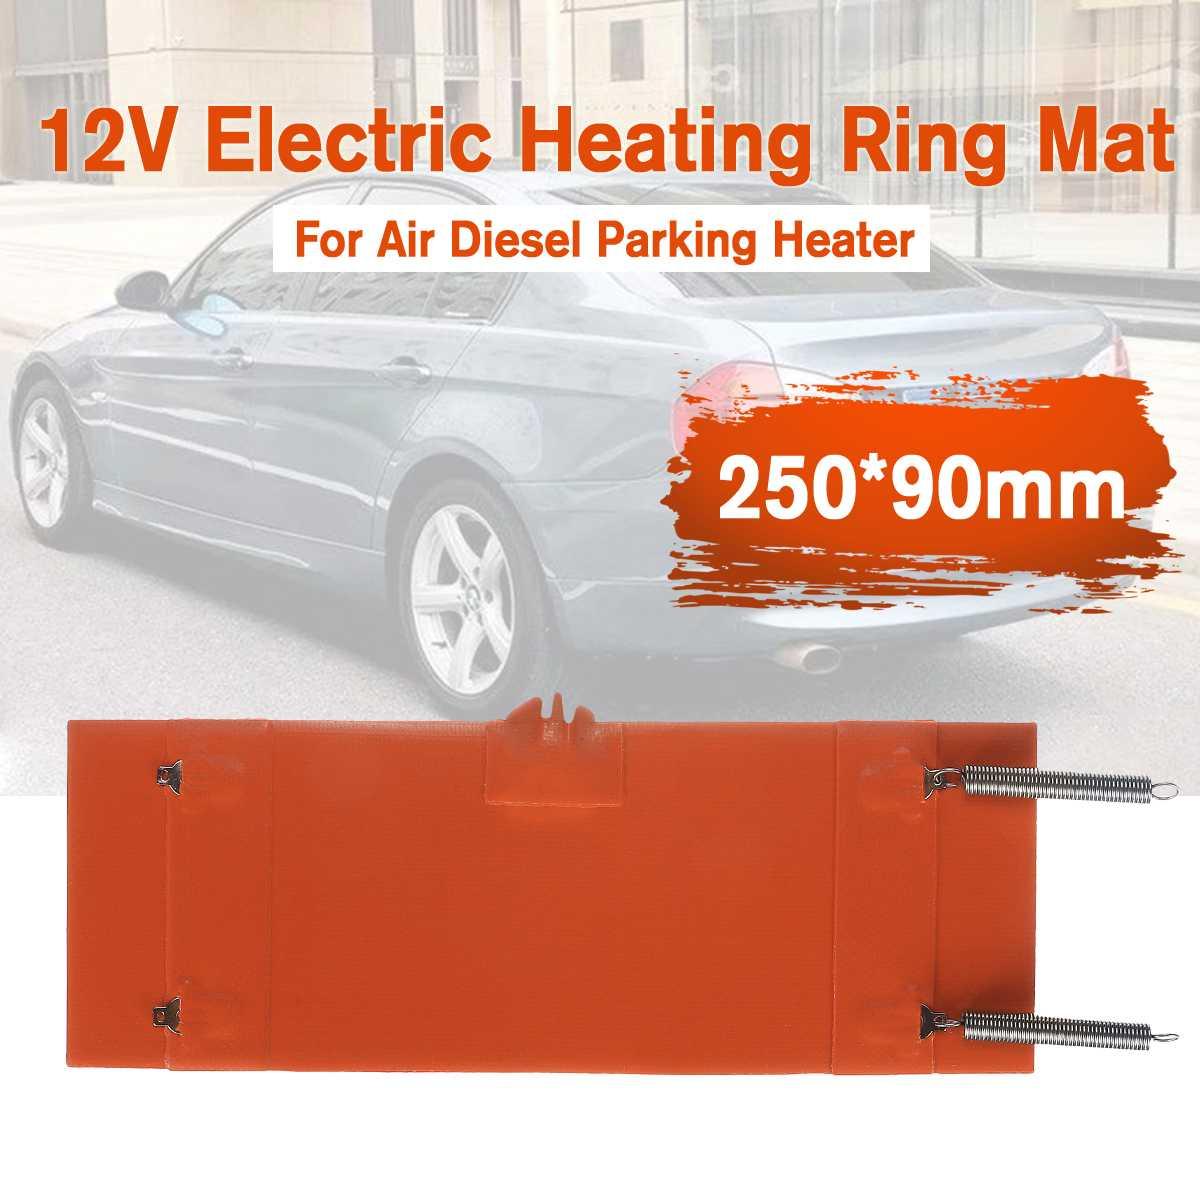 novo 12 v 250x90mm aquecedor de anel aquecimento eletrico esteira do carro filtro para ar diesel